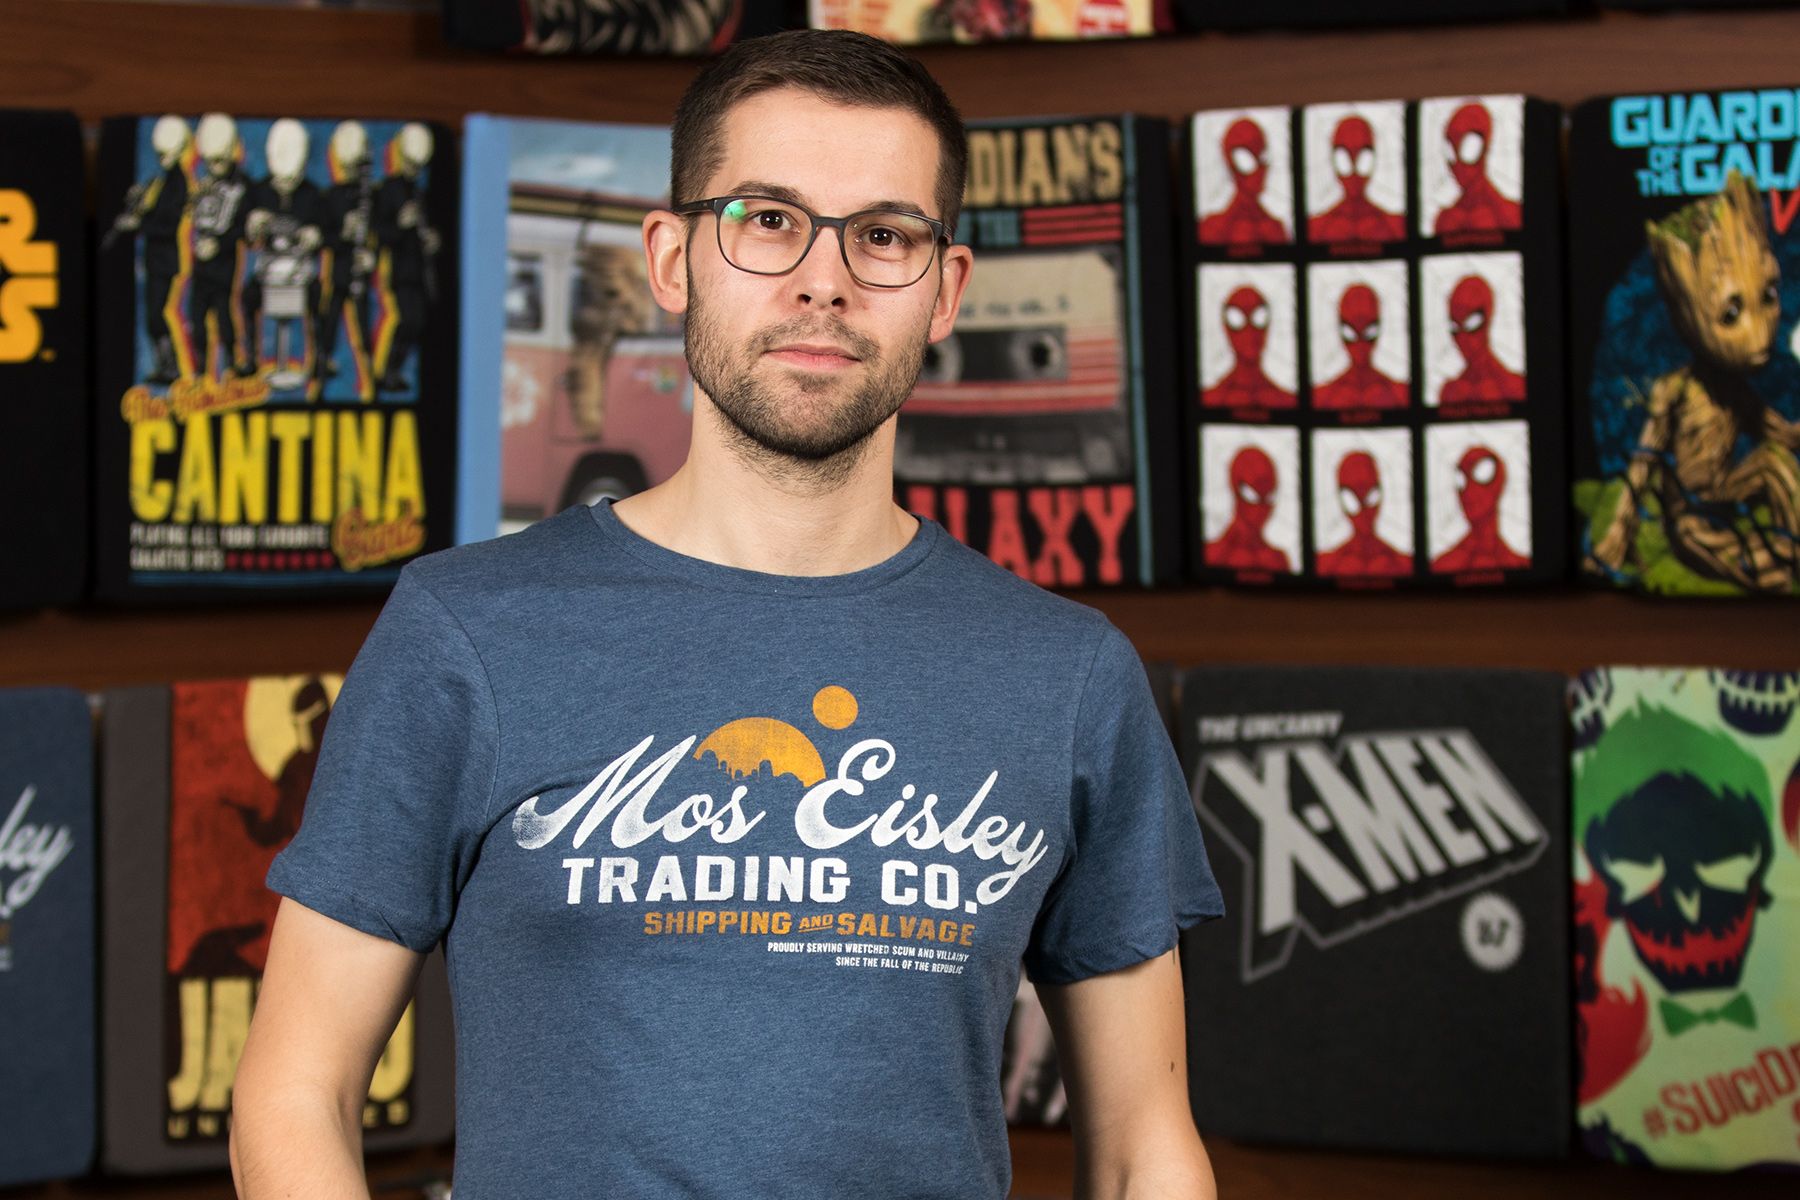 Tim Geschenketipp: Star Wars - Mos Eisley Shirt